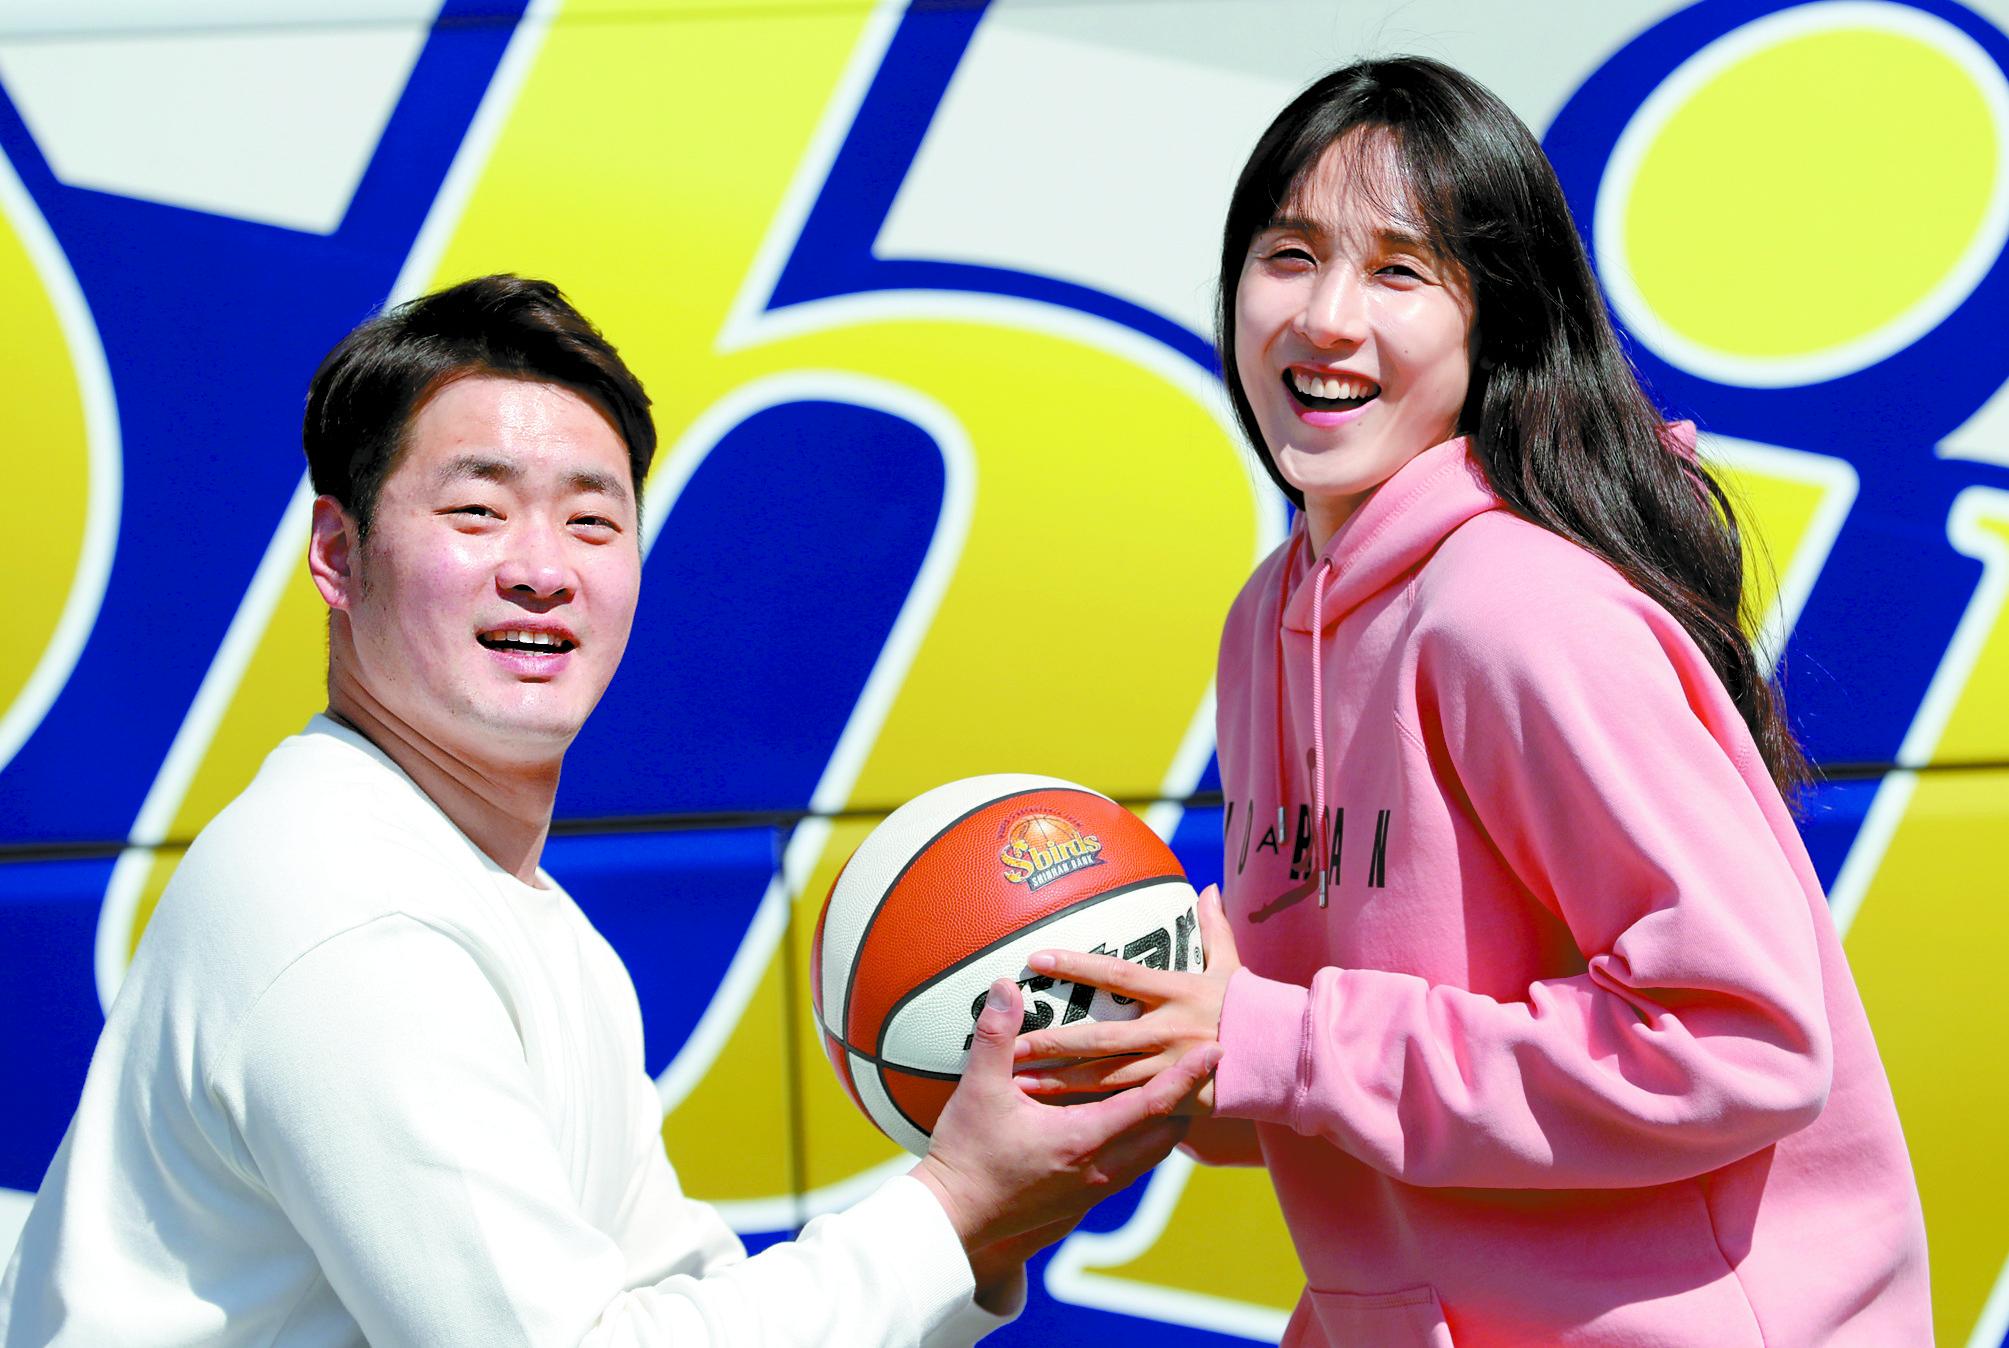 예비남편 유병진이 '4월의 신부' 김단비에게 농구공으로 프러포즈하고 있다. 최정동 기자